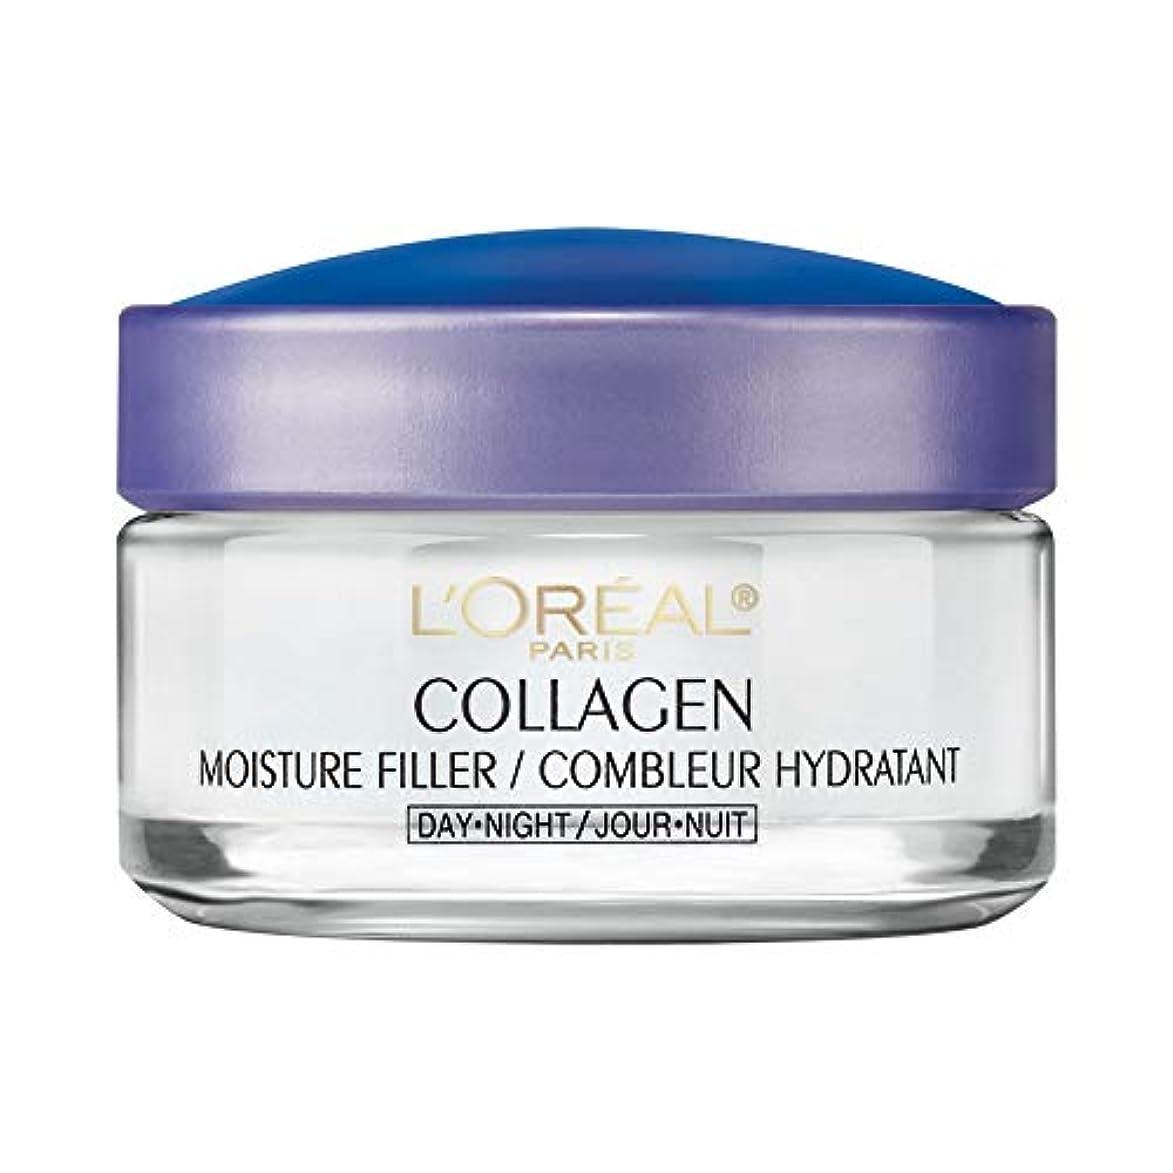 添付最適拡大するL'Oreal ロレアルパリ天然コラーゲンモイスチャー昼 夜用クリーム 48g  並行輸入品